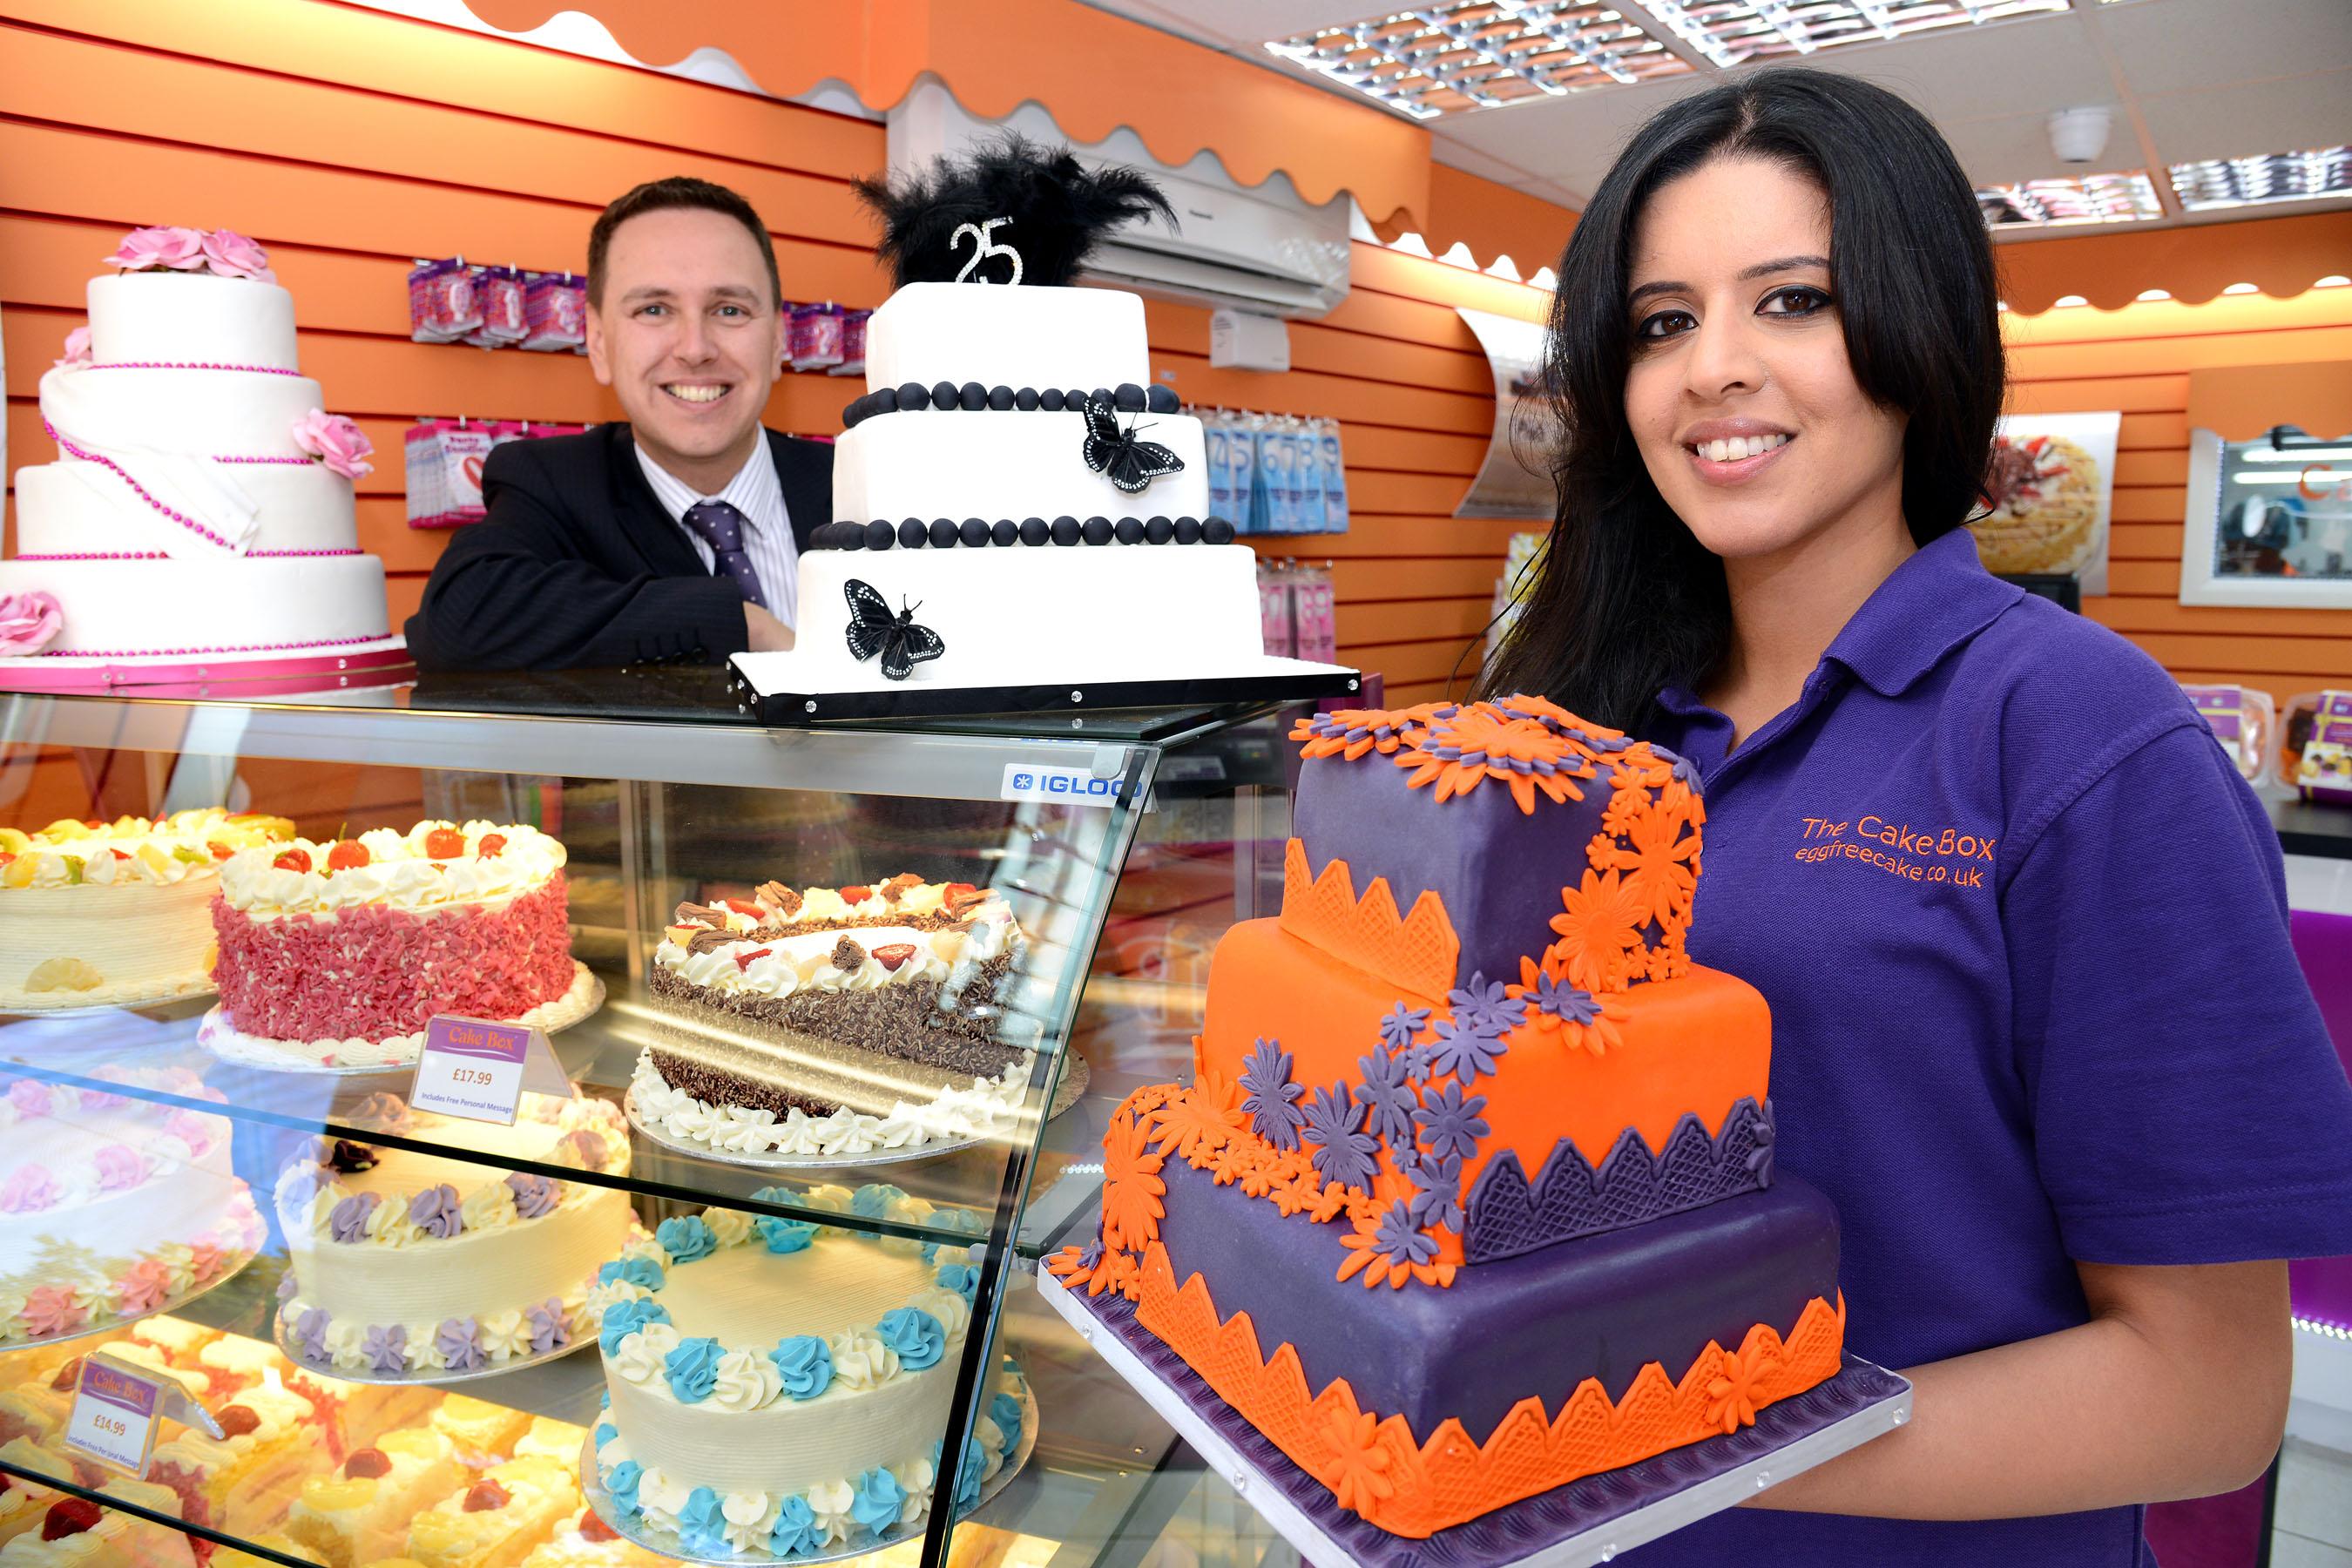 cake box franchise